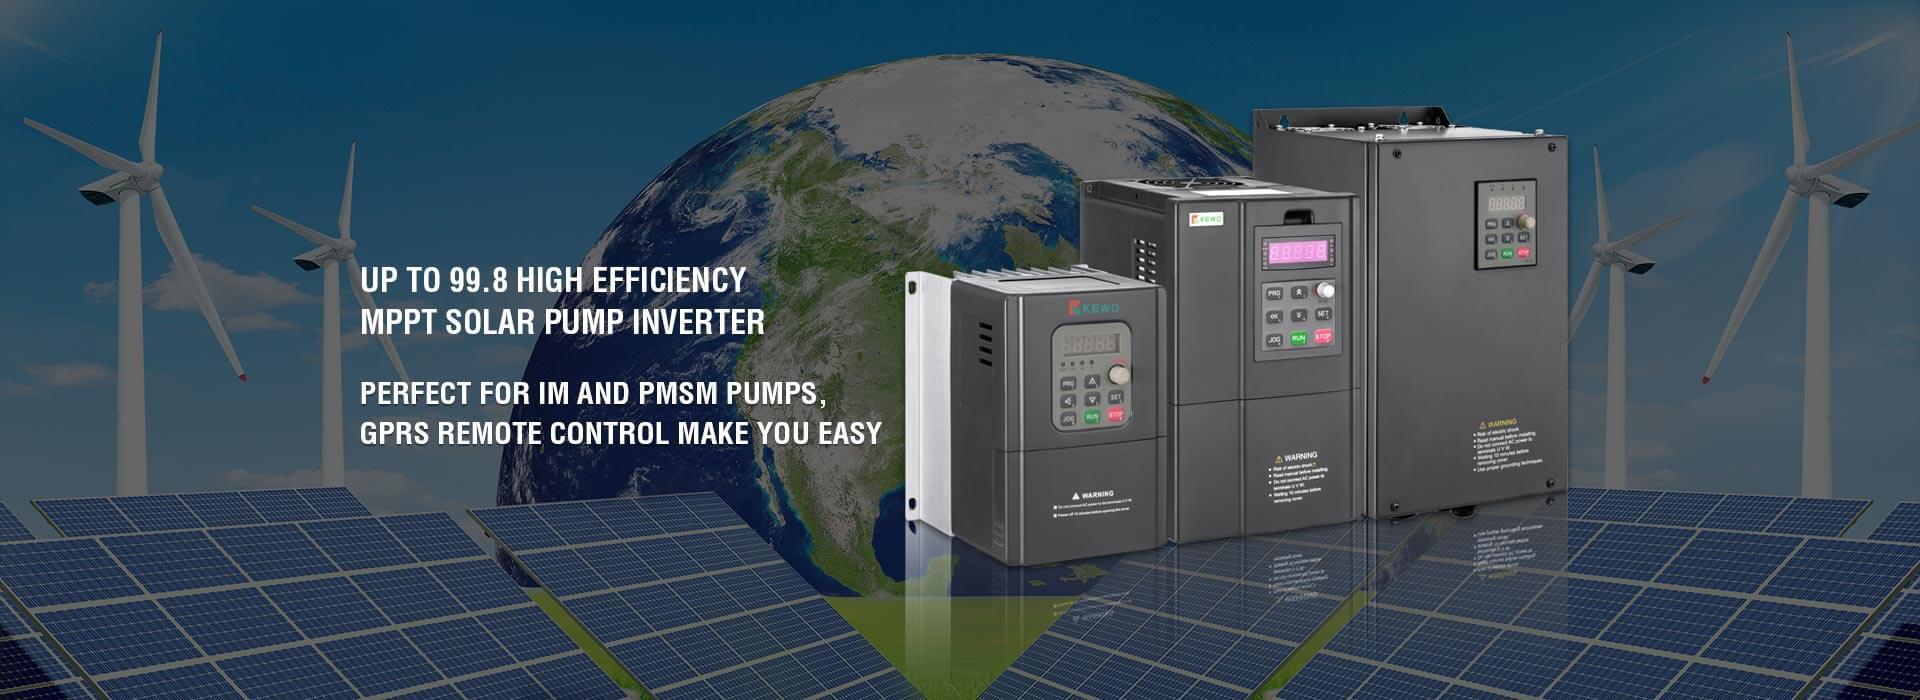 Solar pump inverter Factory